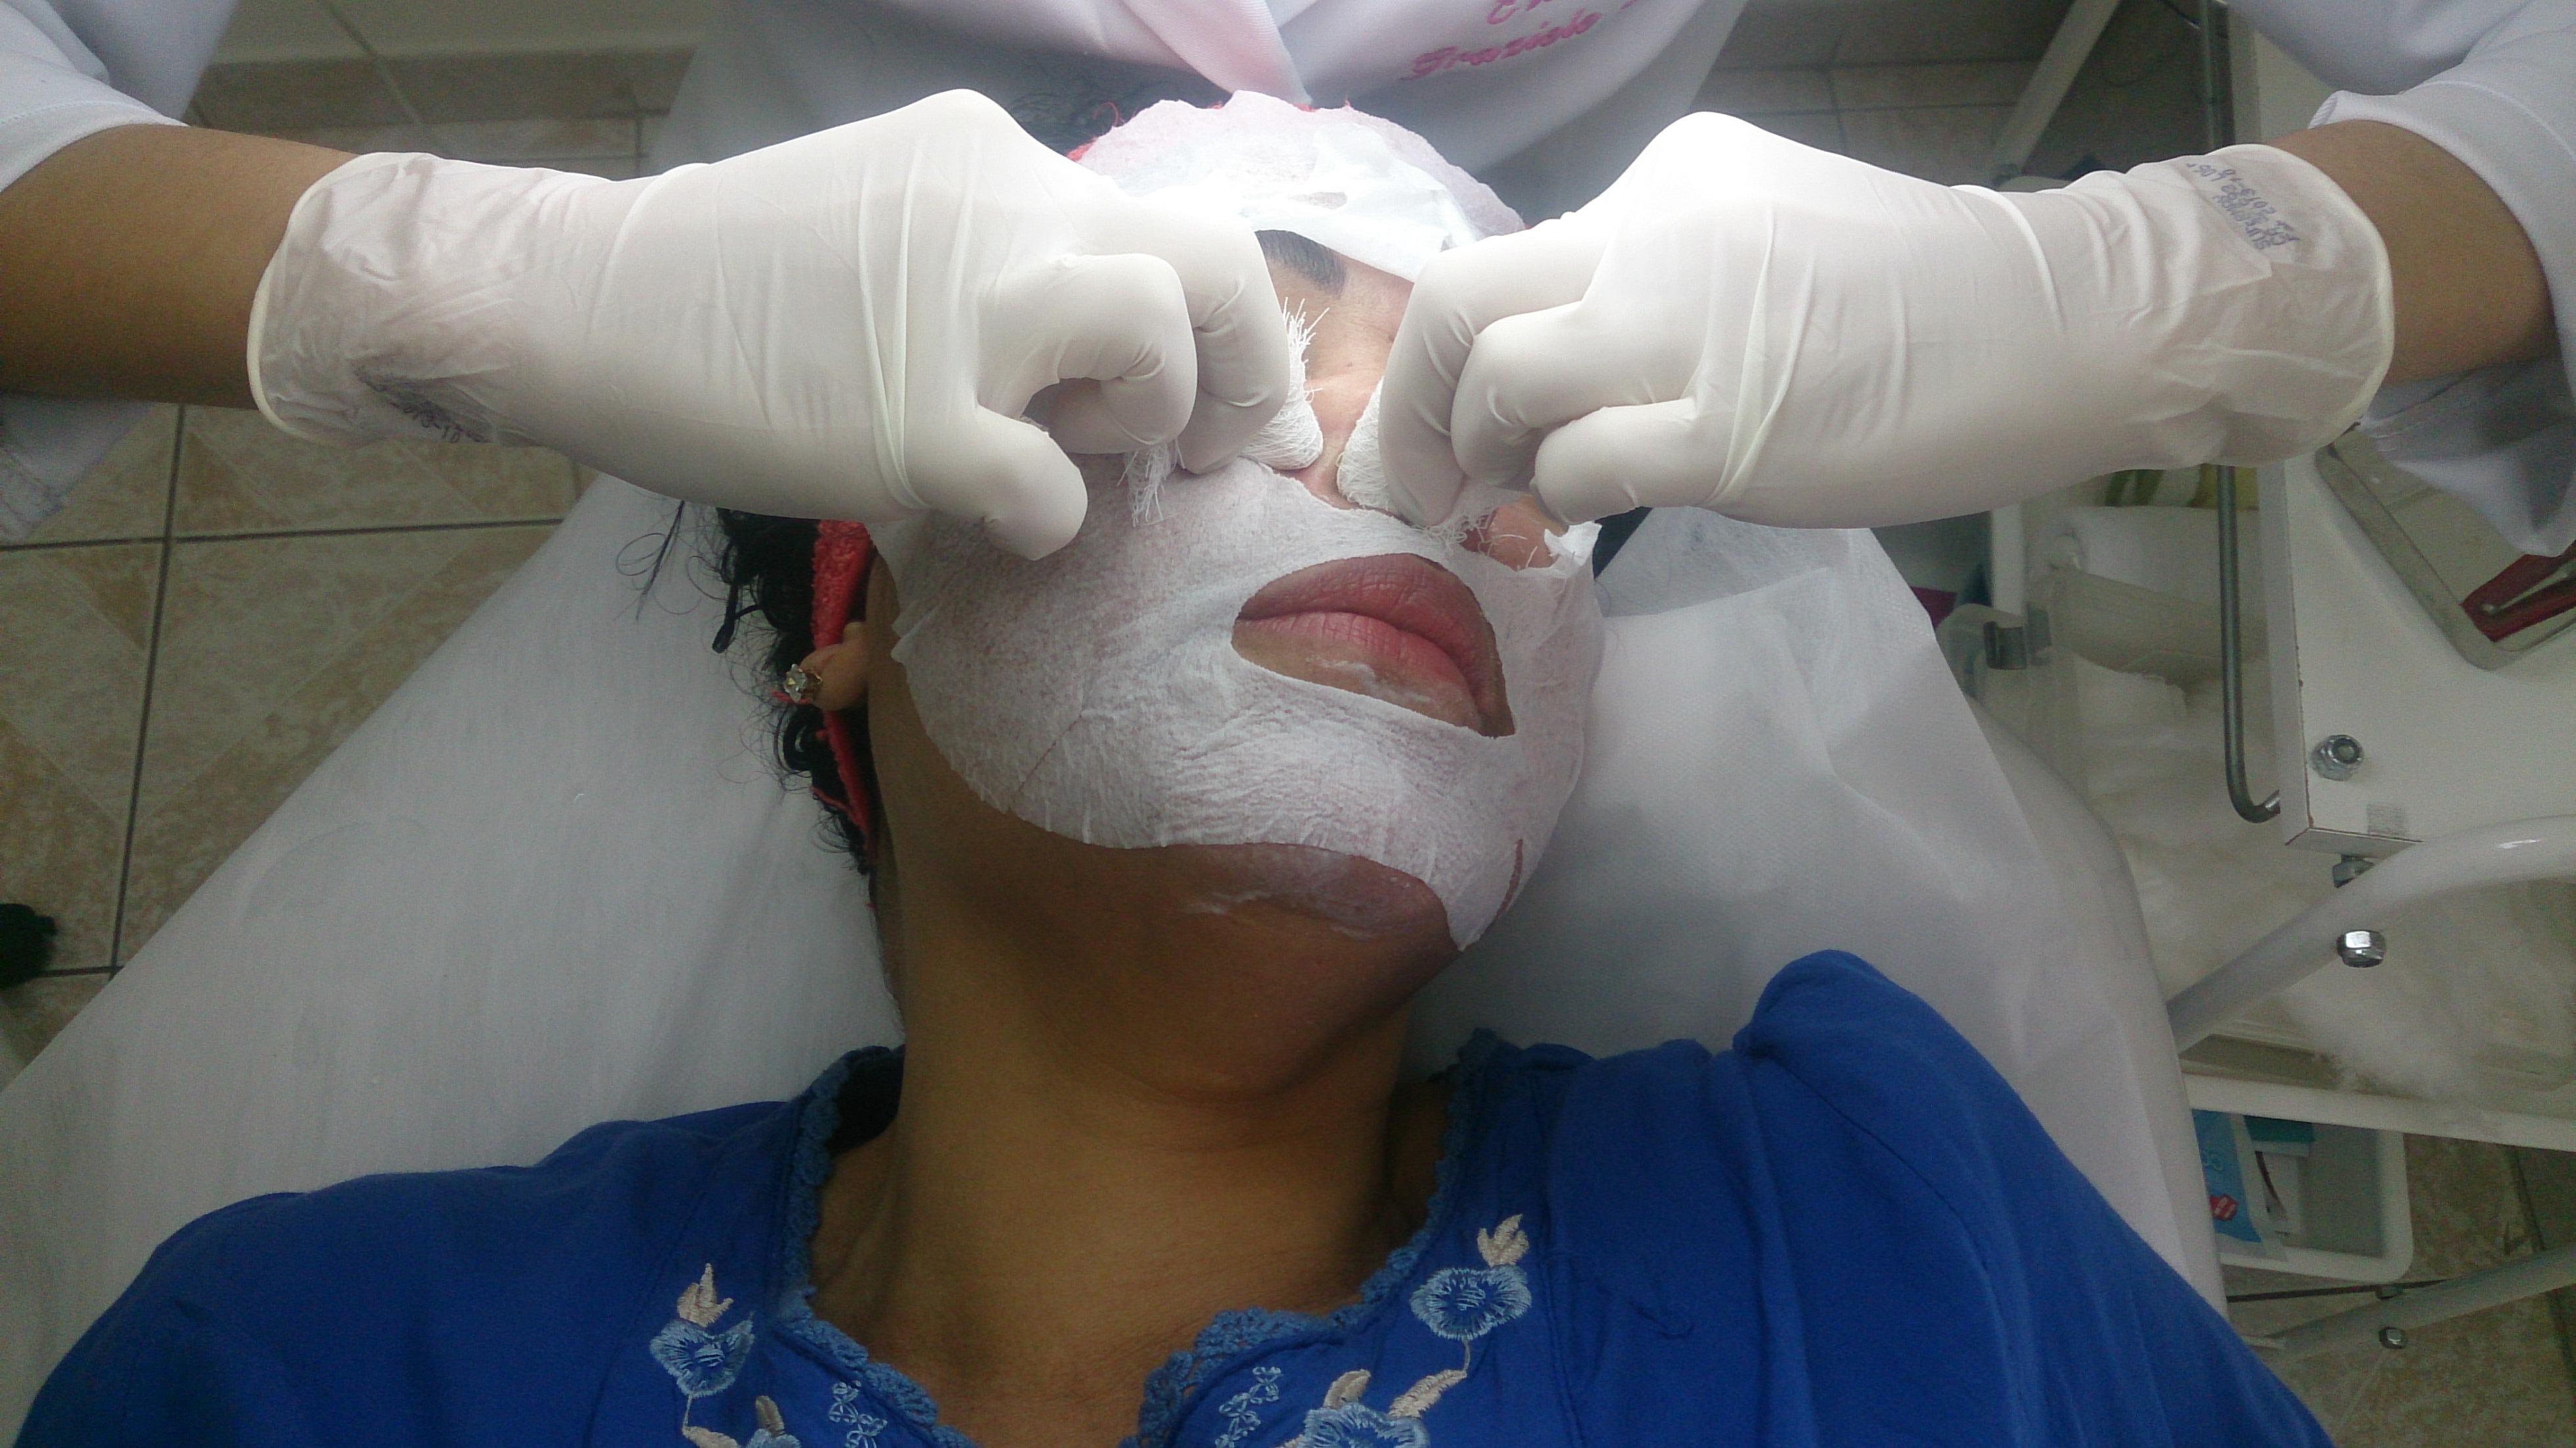 Limpeza de pele Extração de comedões! esteticista cosmetólogo(a)